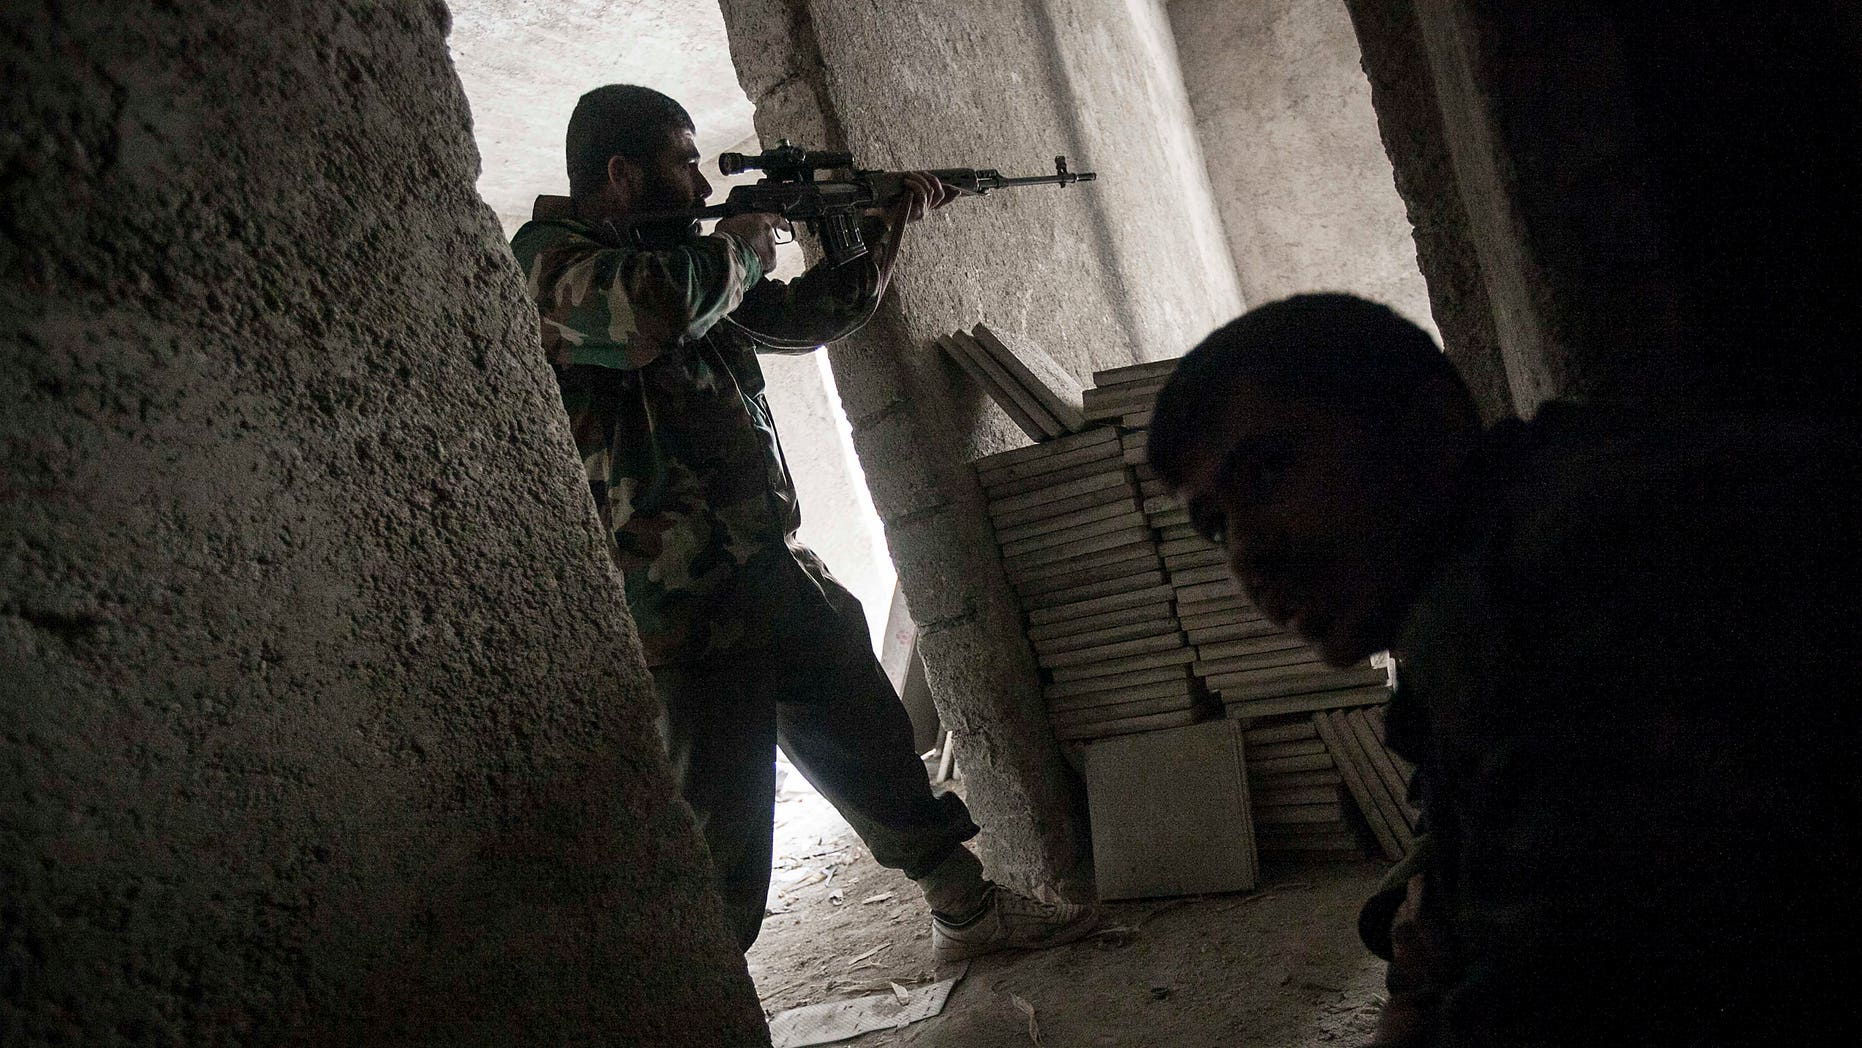 Dec 7, 2012 - Rebel fighter in Aleppo, Syria.